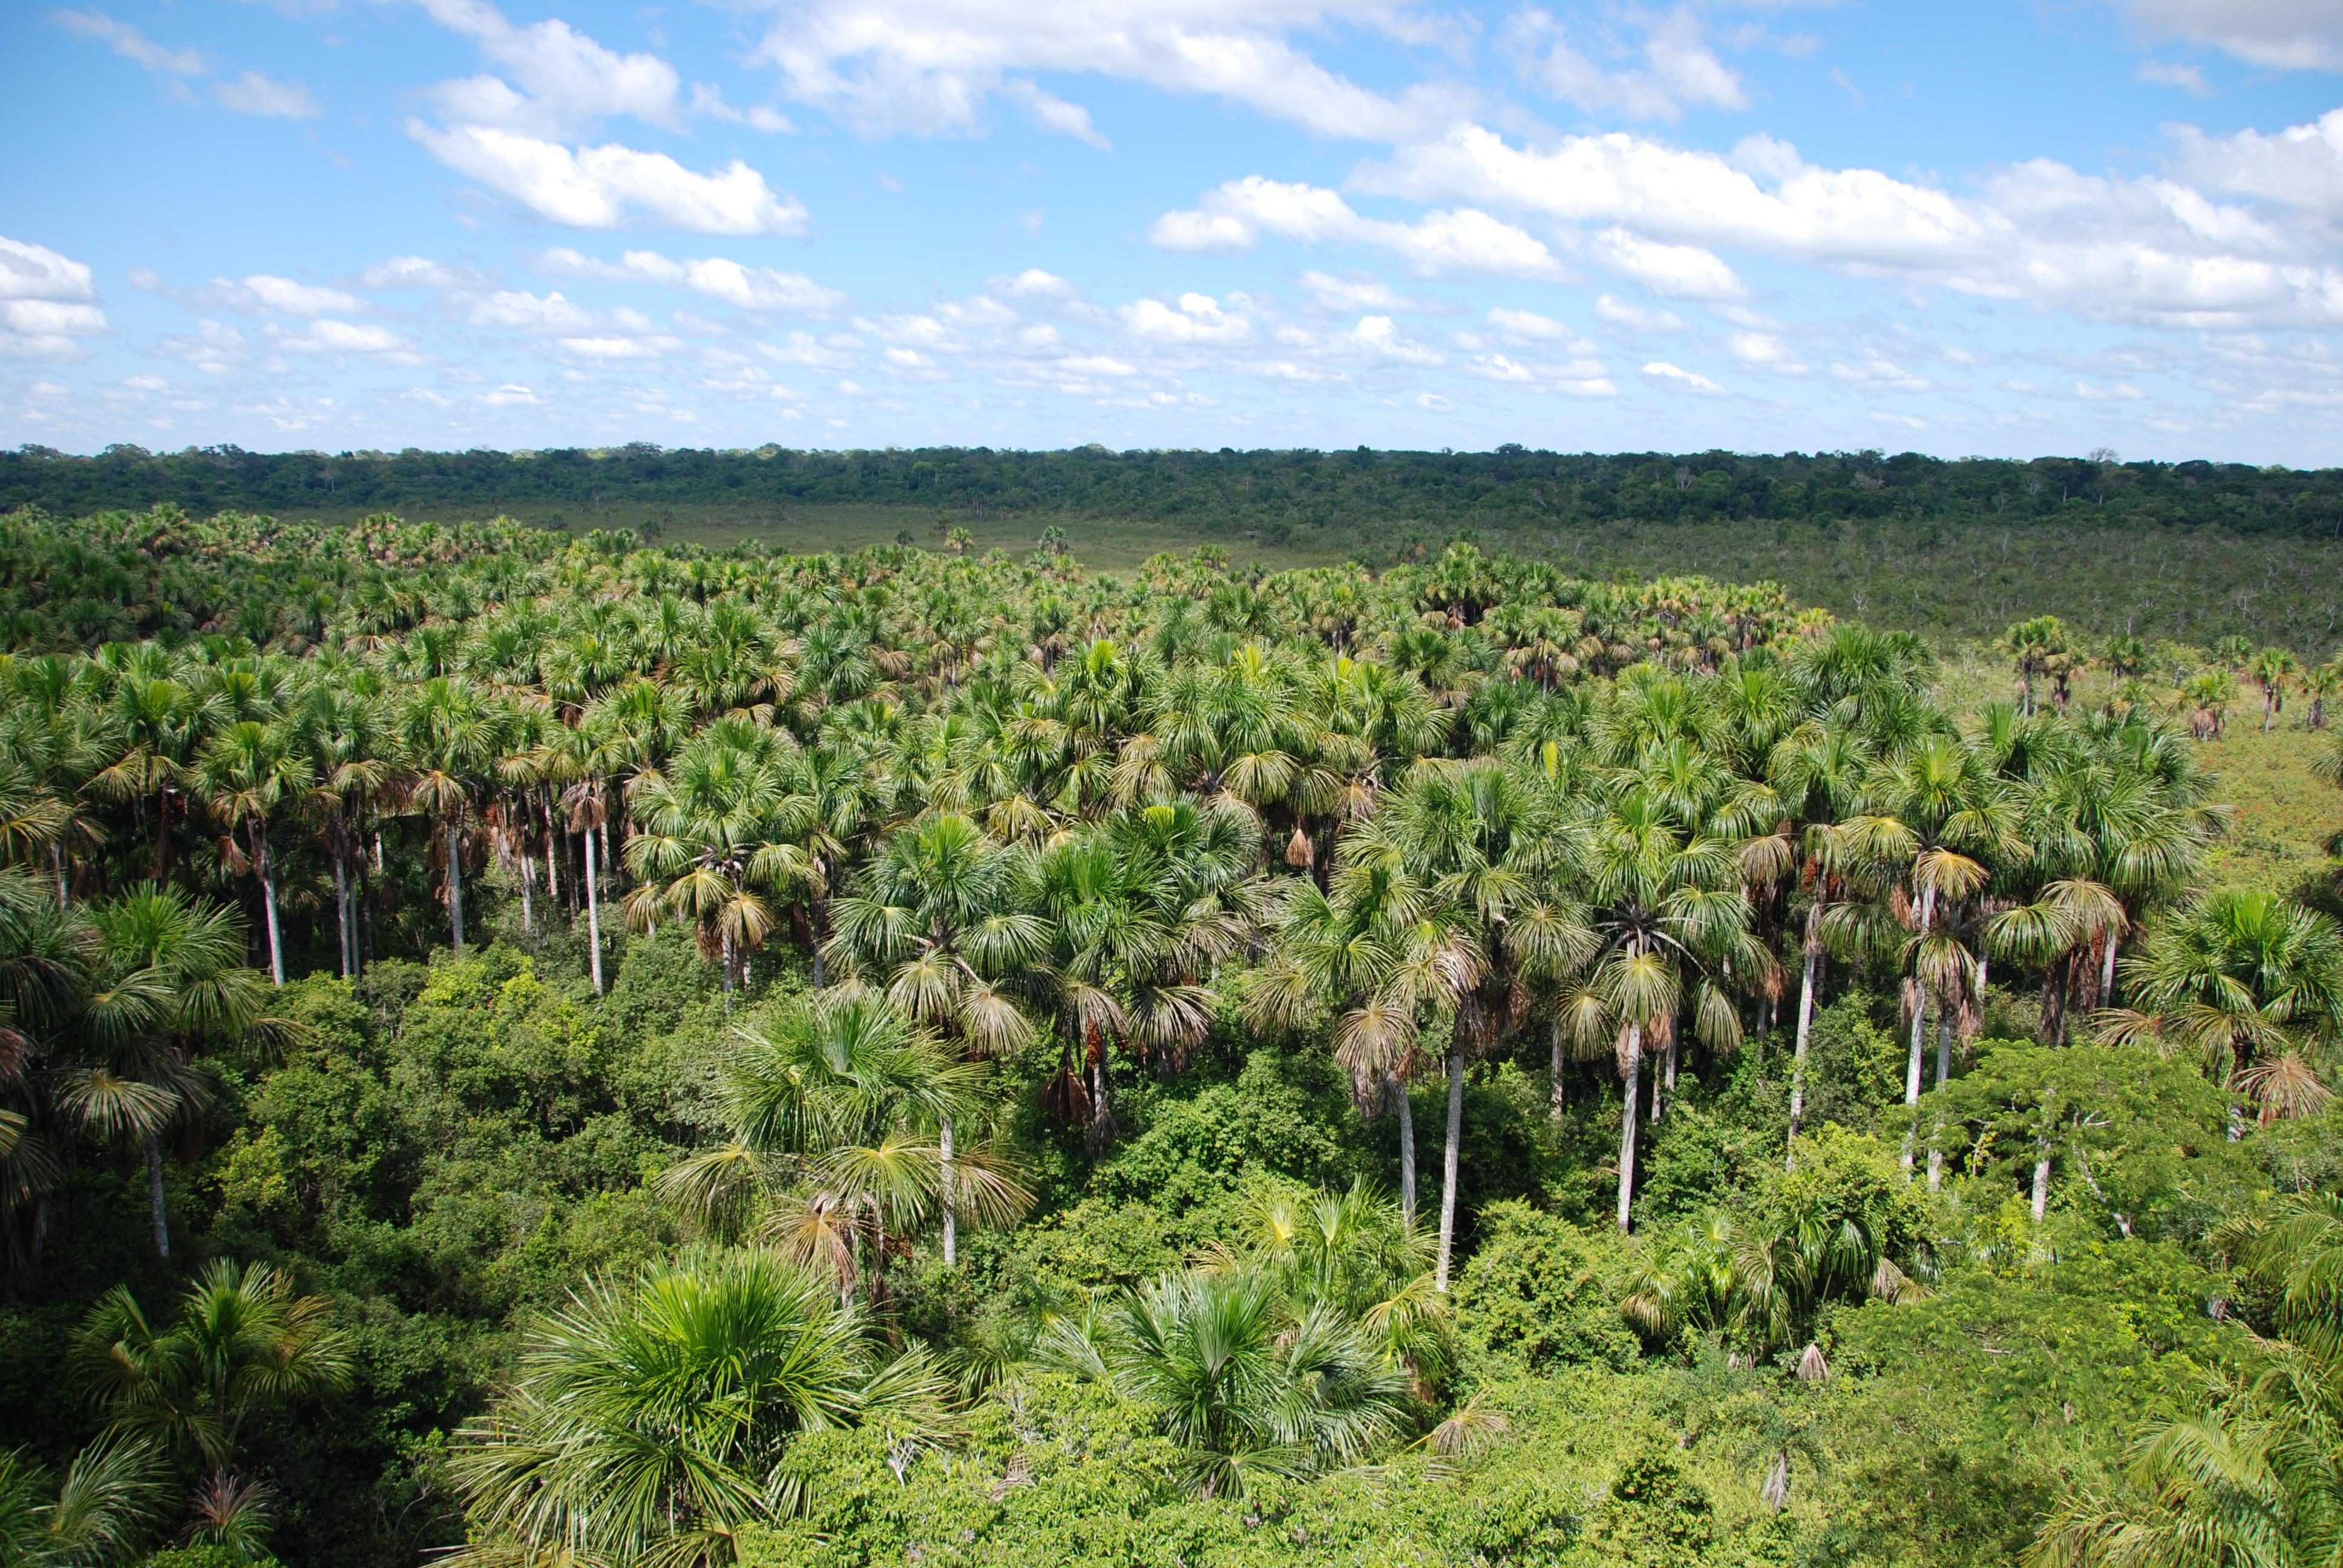 Magische momenten in de jungle van de Amazone